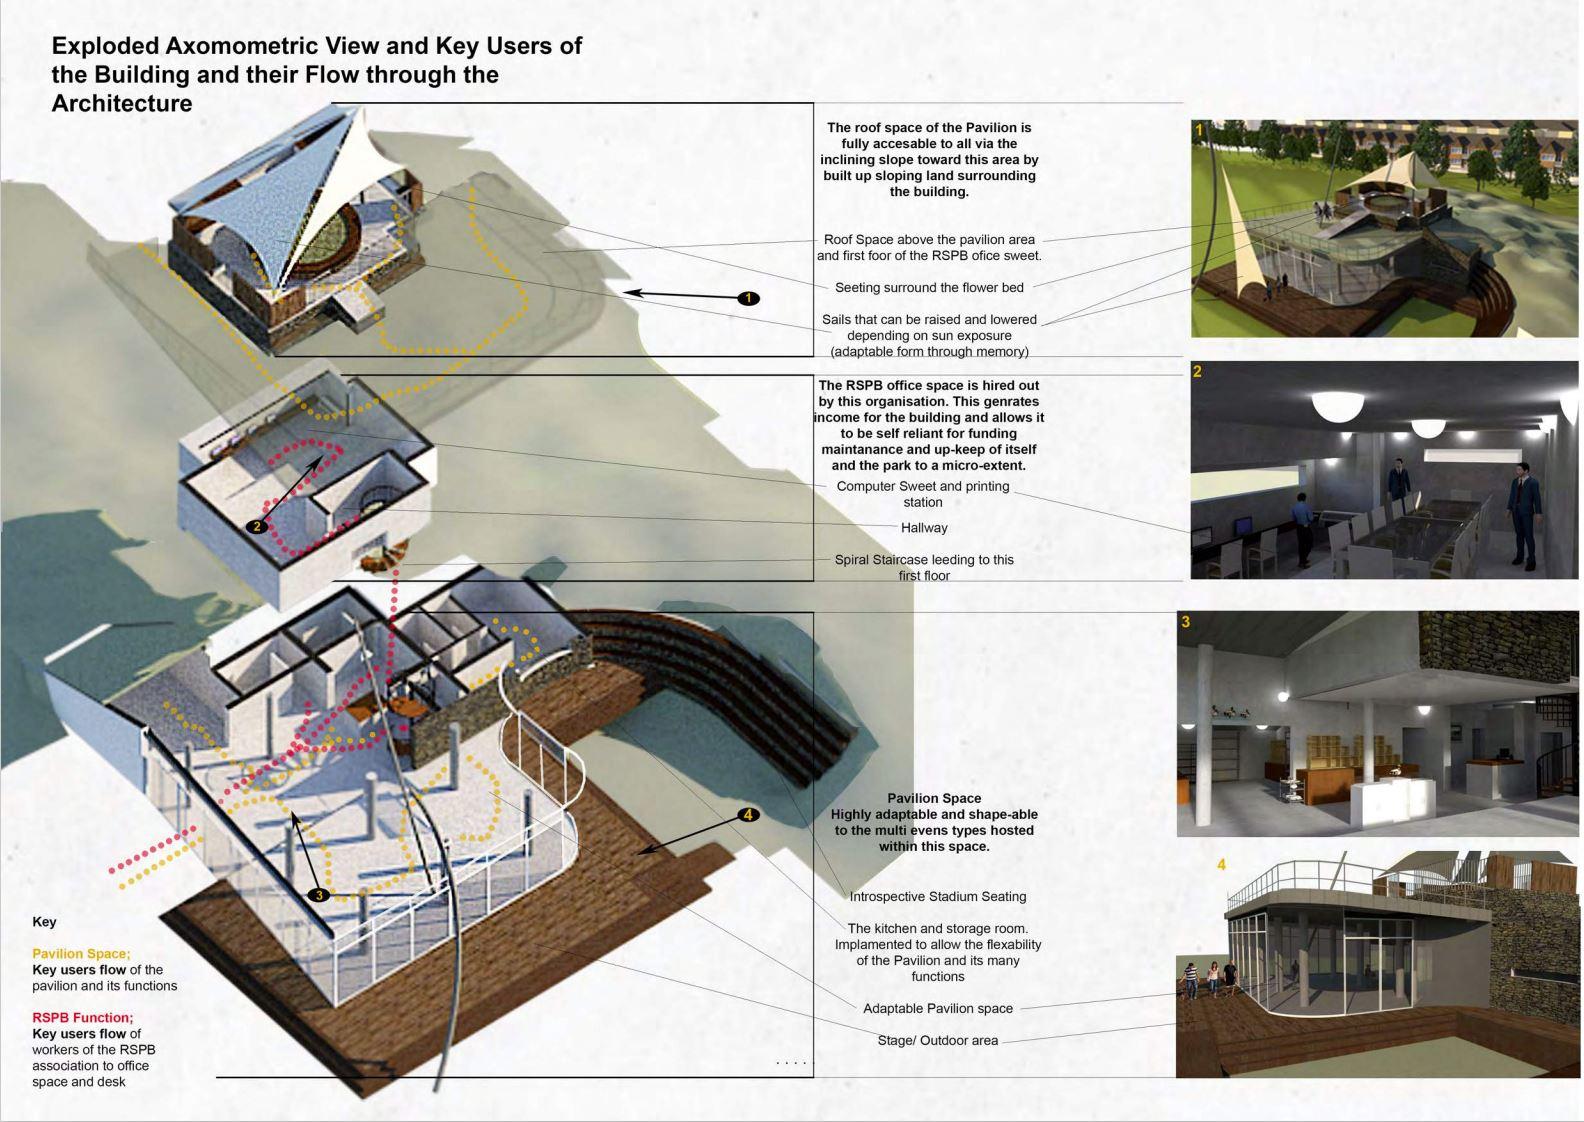 Exploded Axonometric Study - The Pavilion